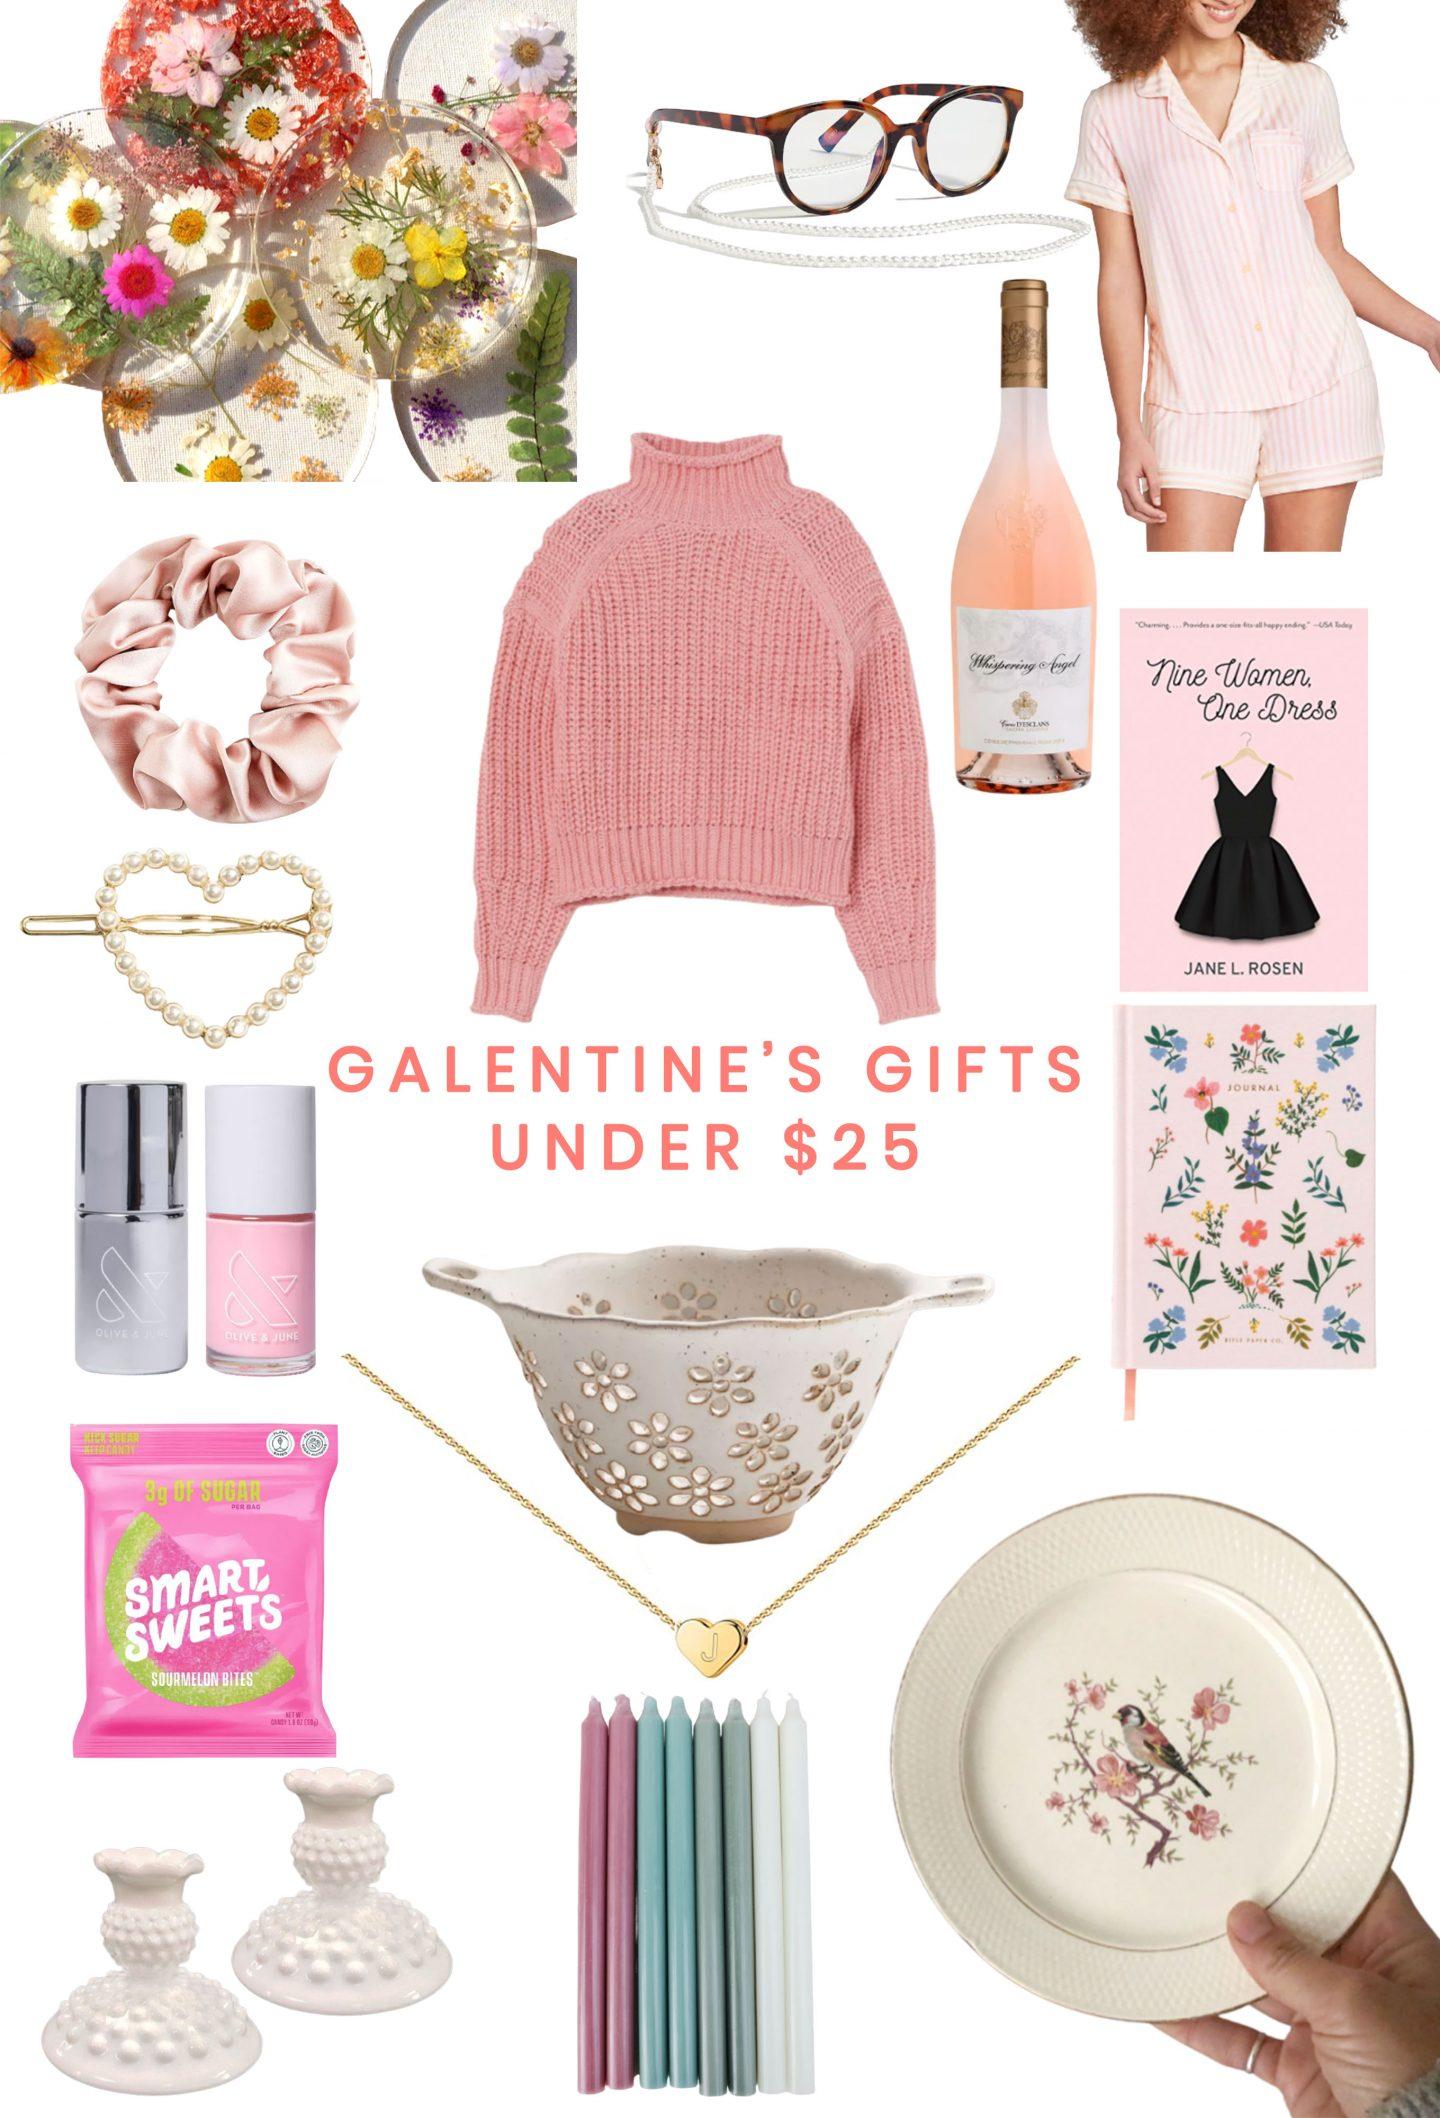 Galentine Gifts Under $25